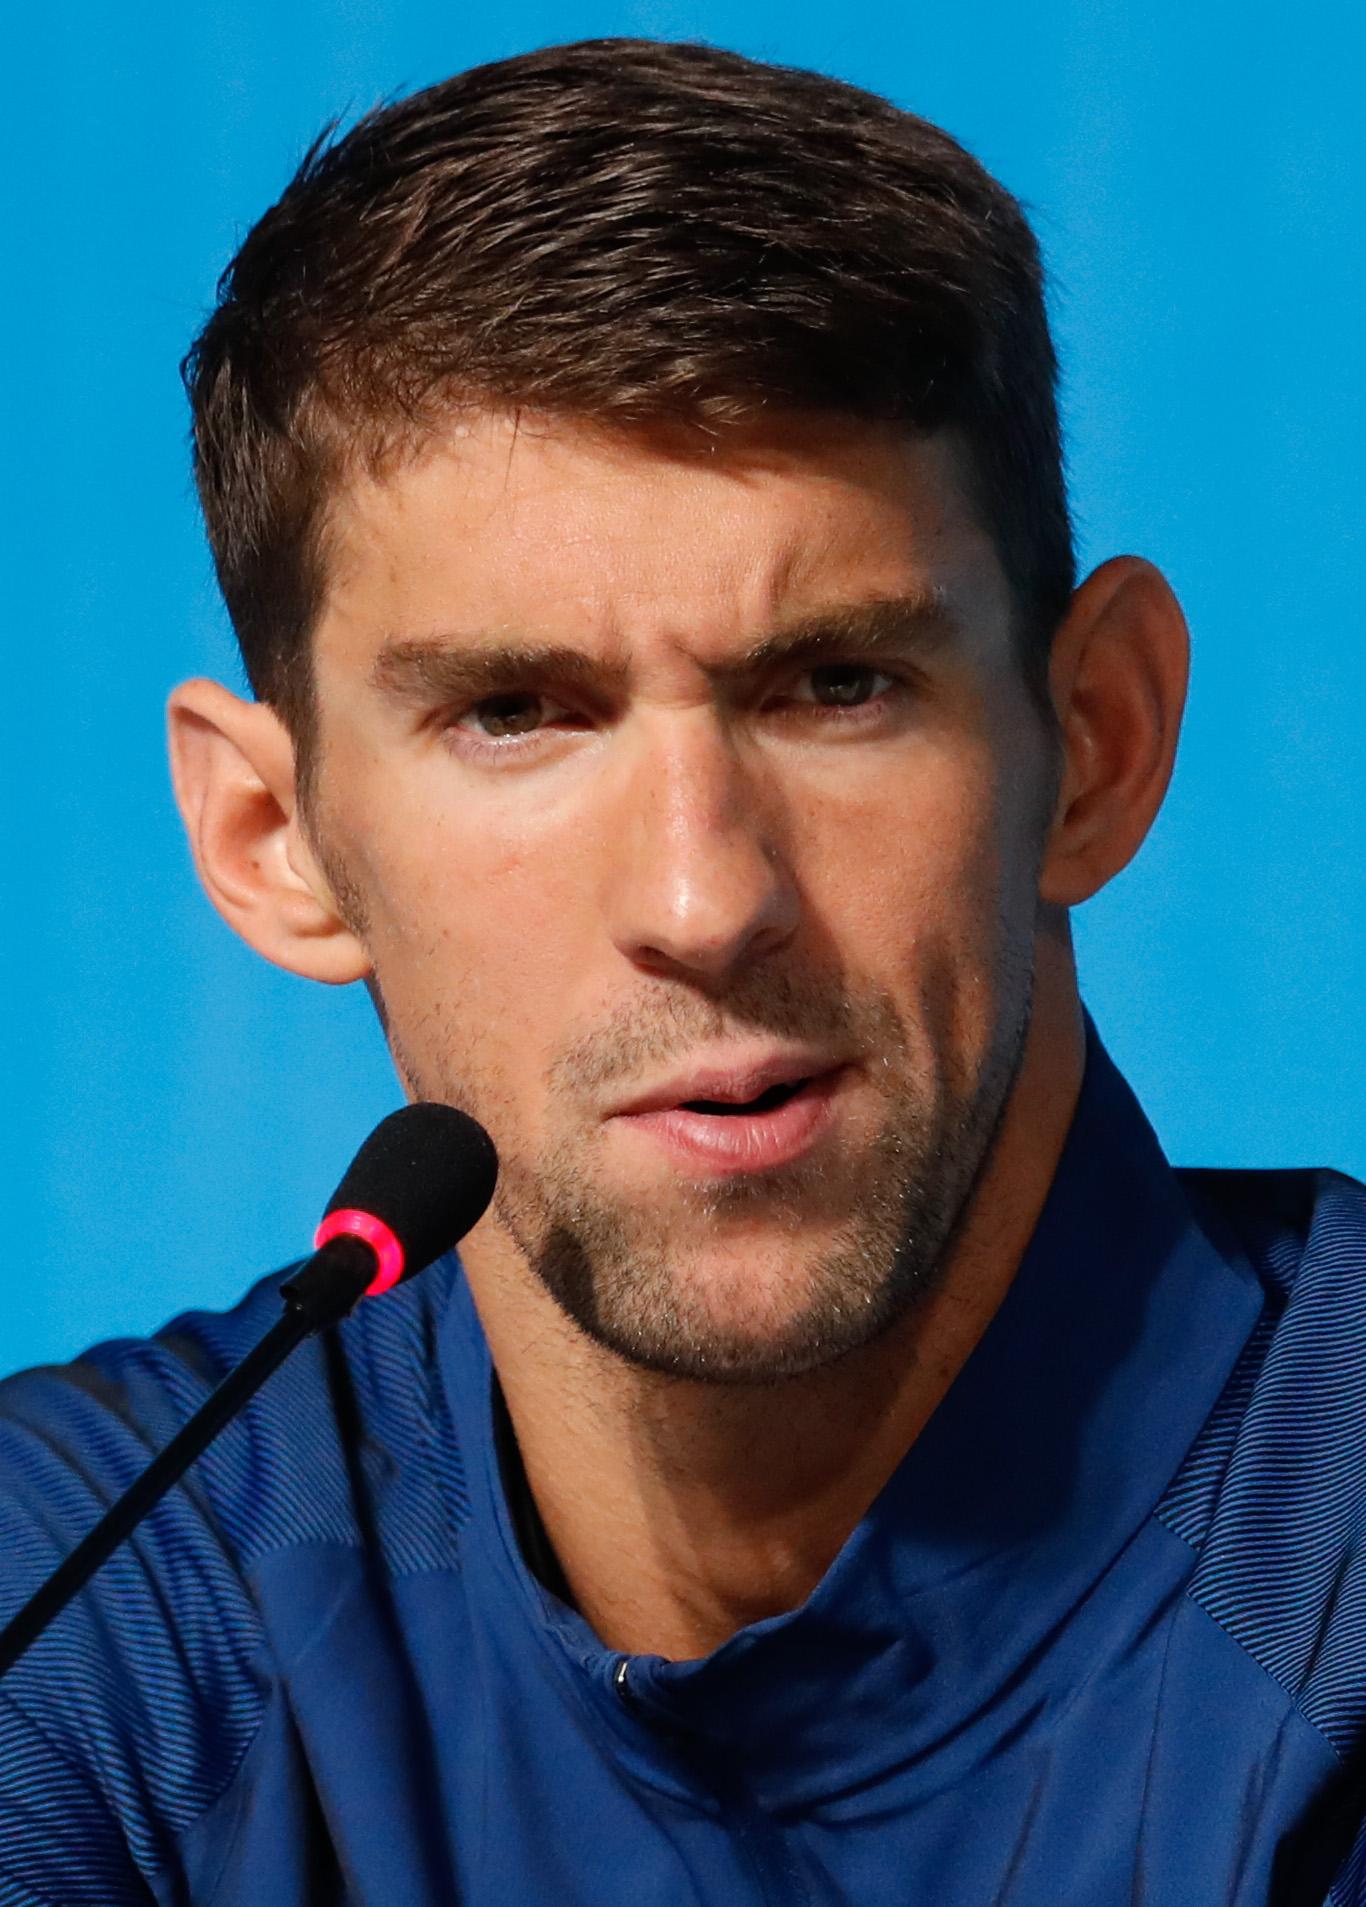 Veja o que saiu no Migalhas sobre Michael Phelps